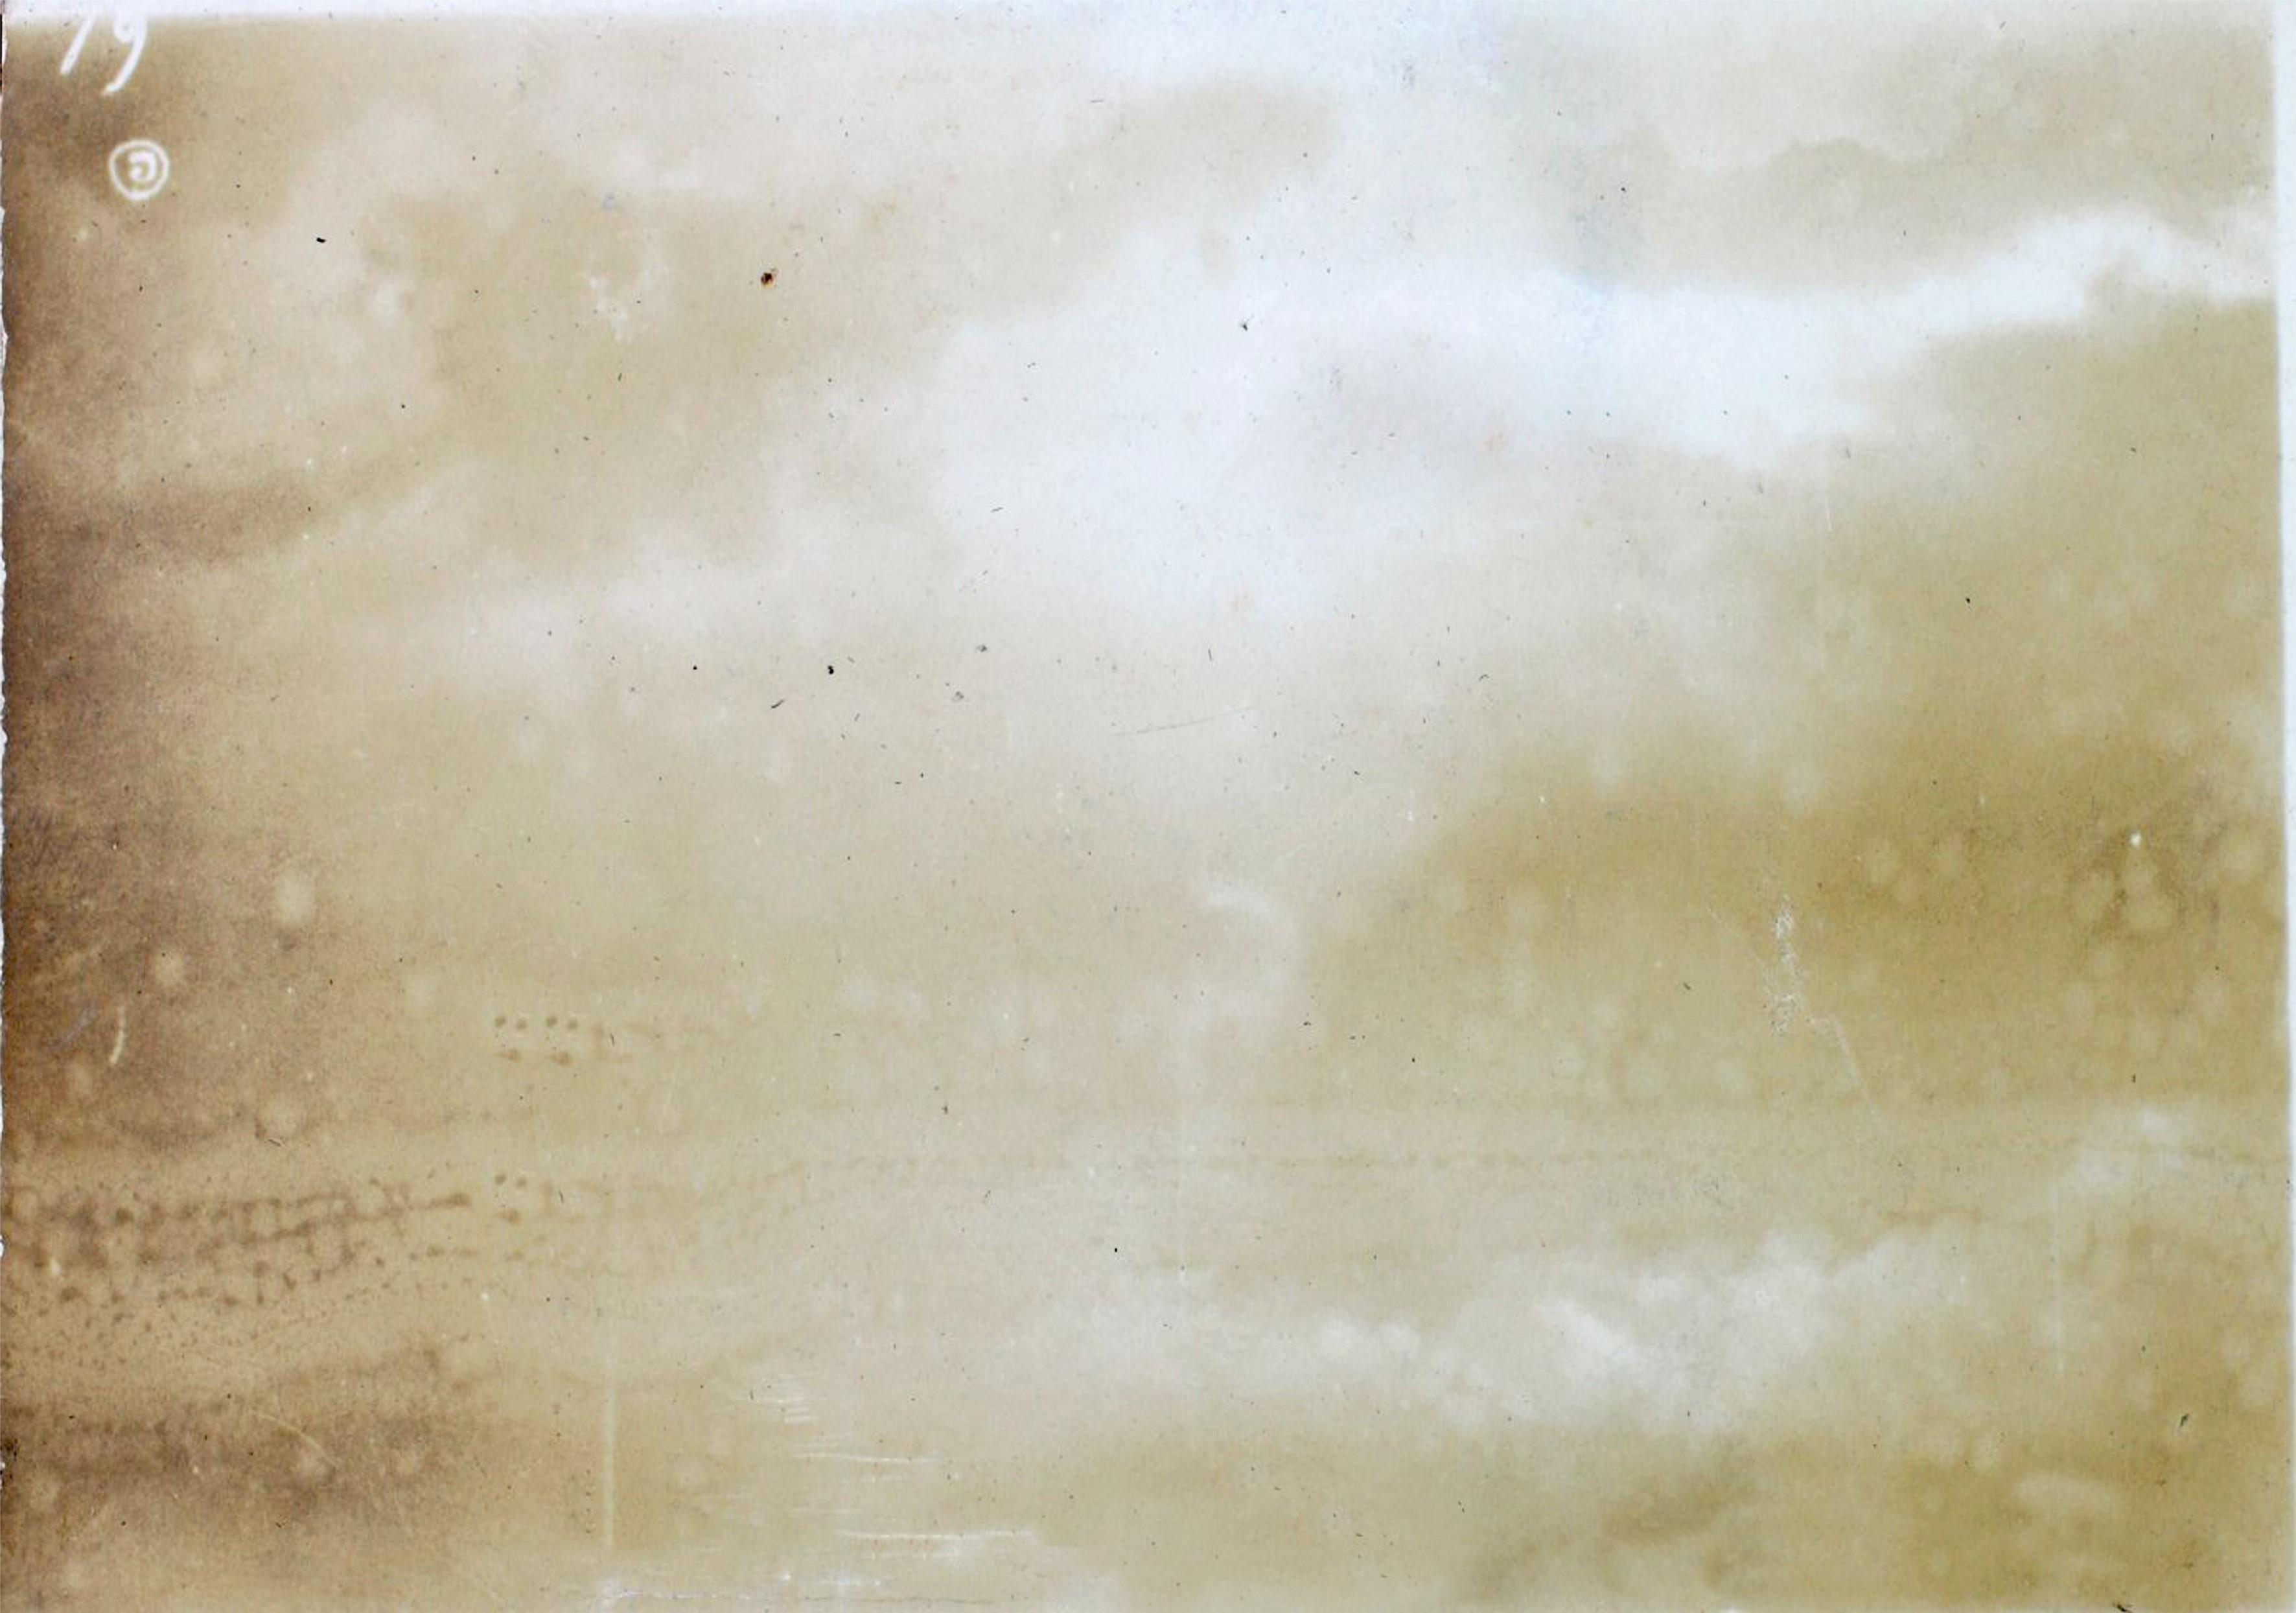 texture 18 by SenhArt